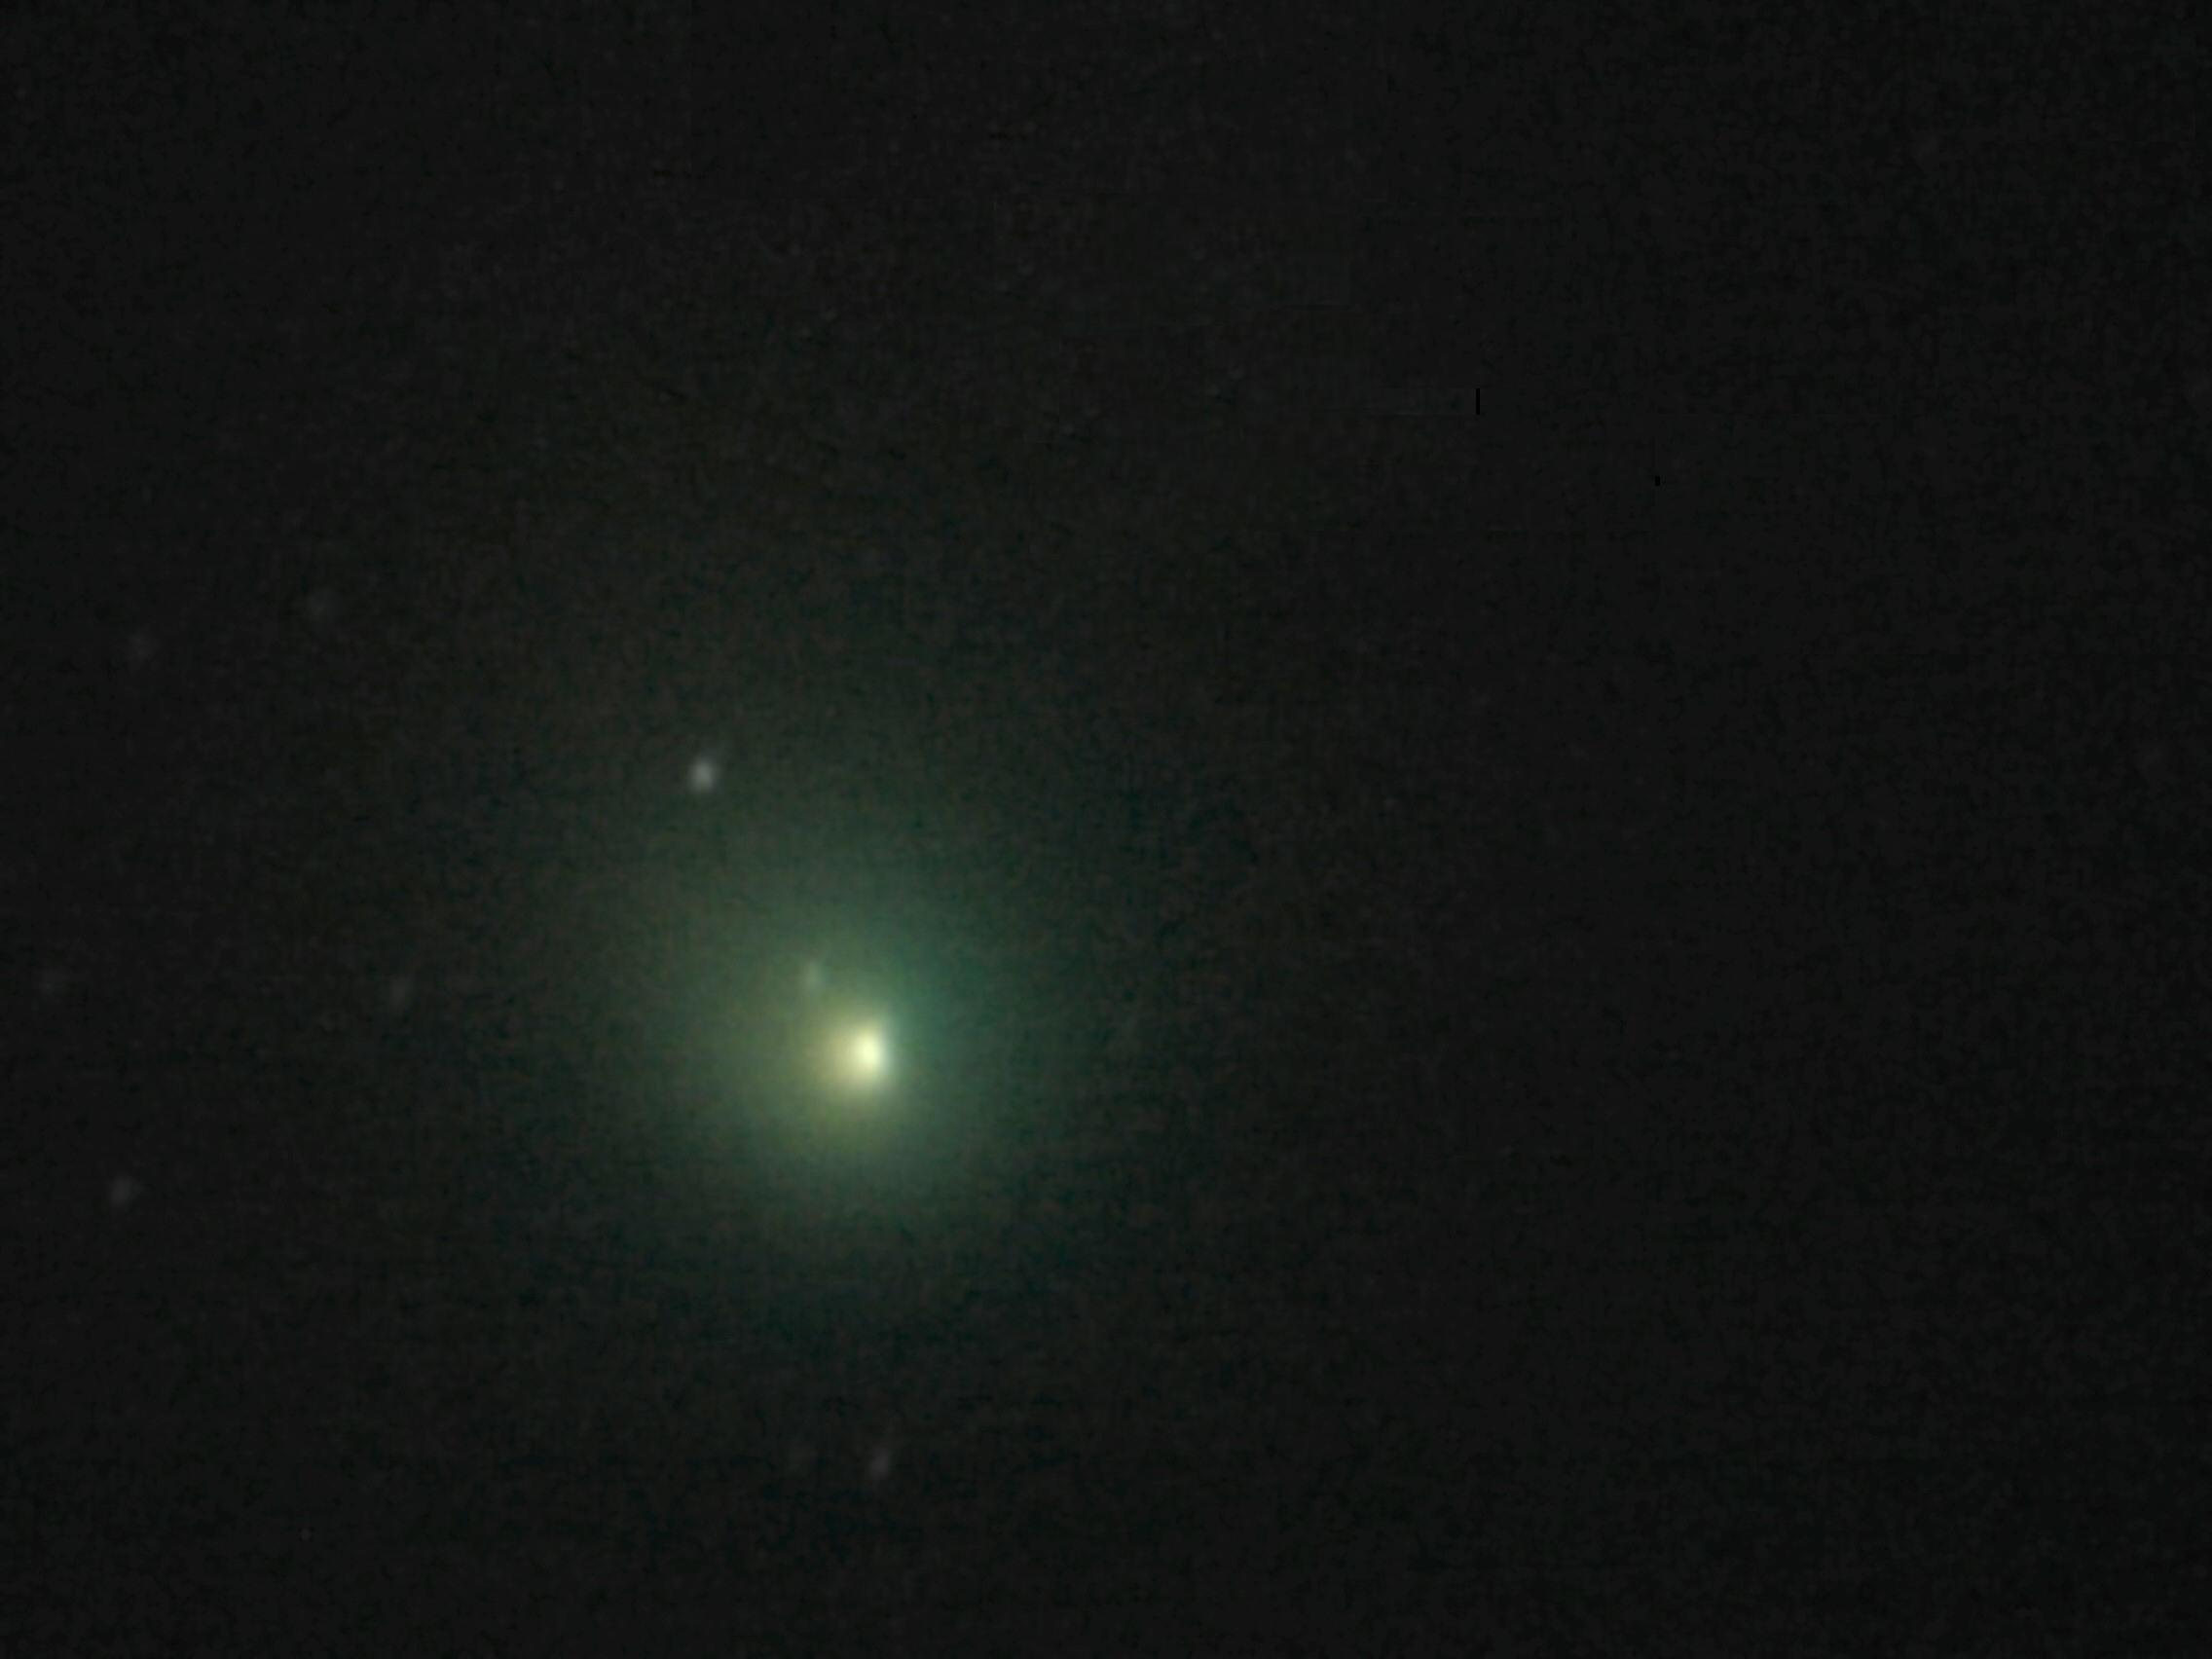 Comet NEAT (C/2001 Q4)